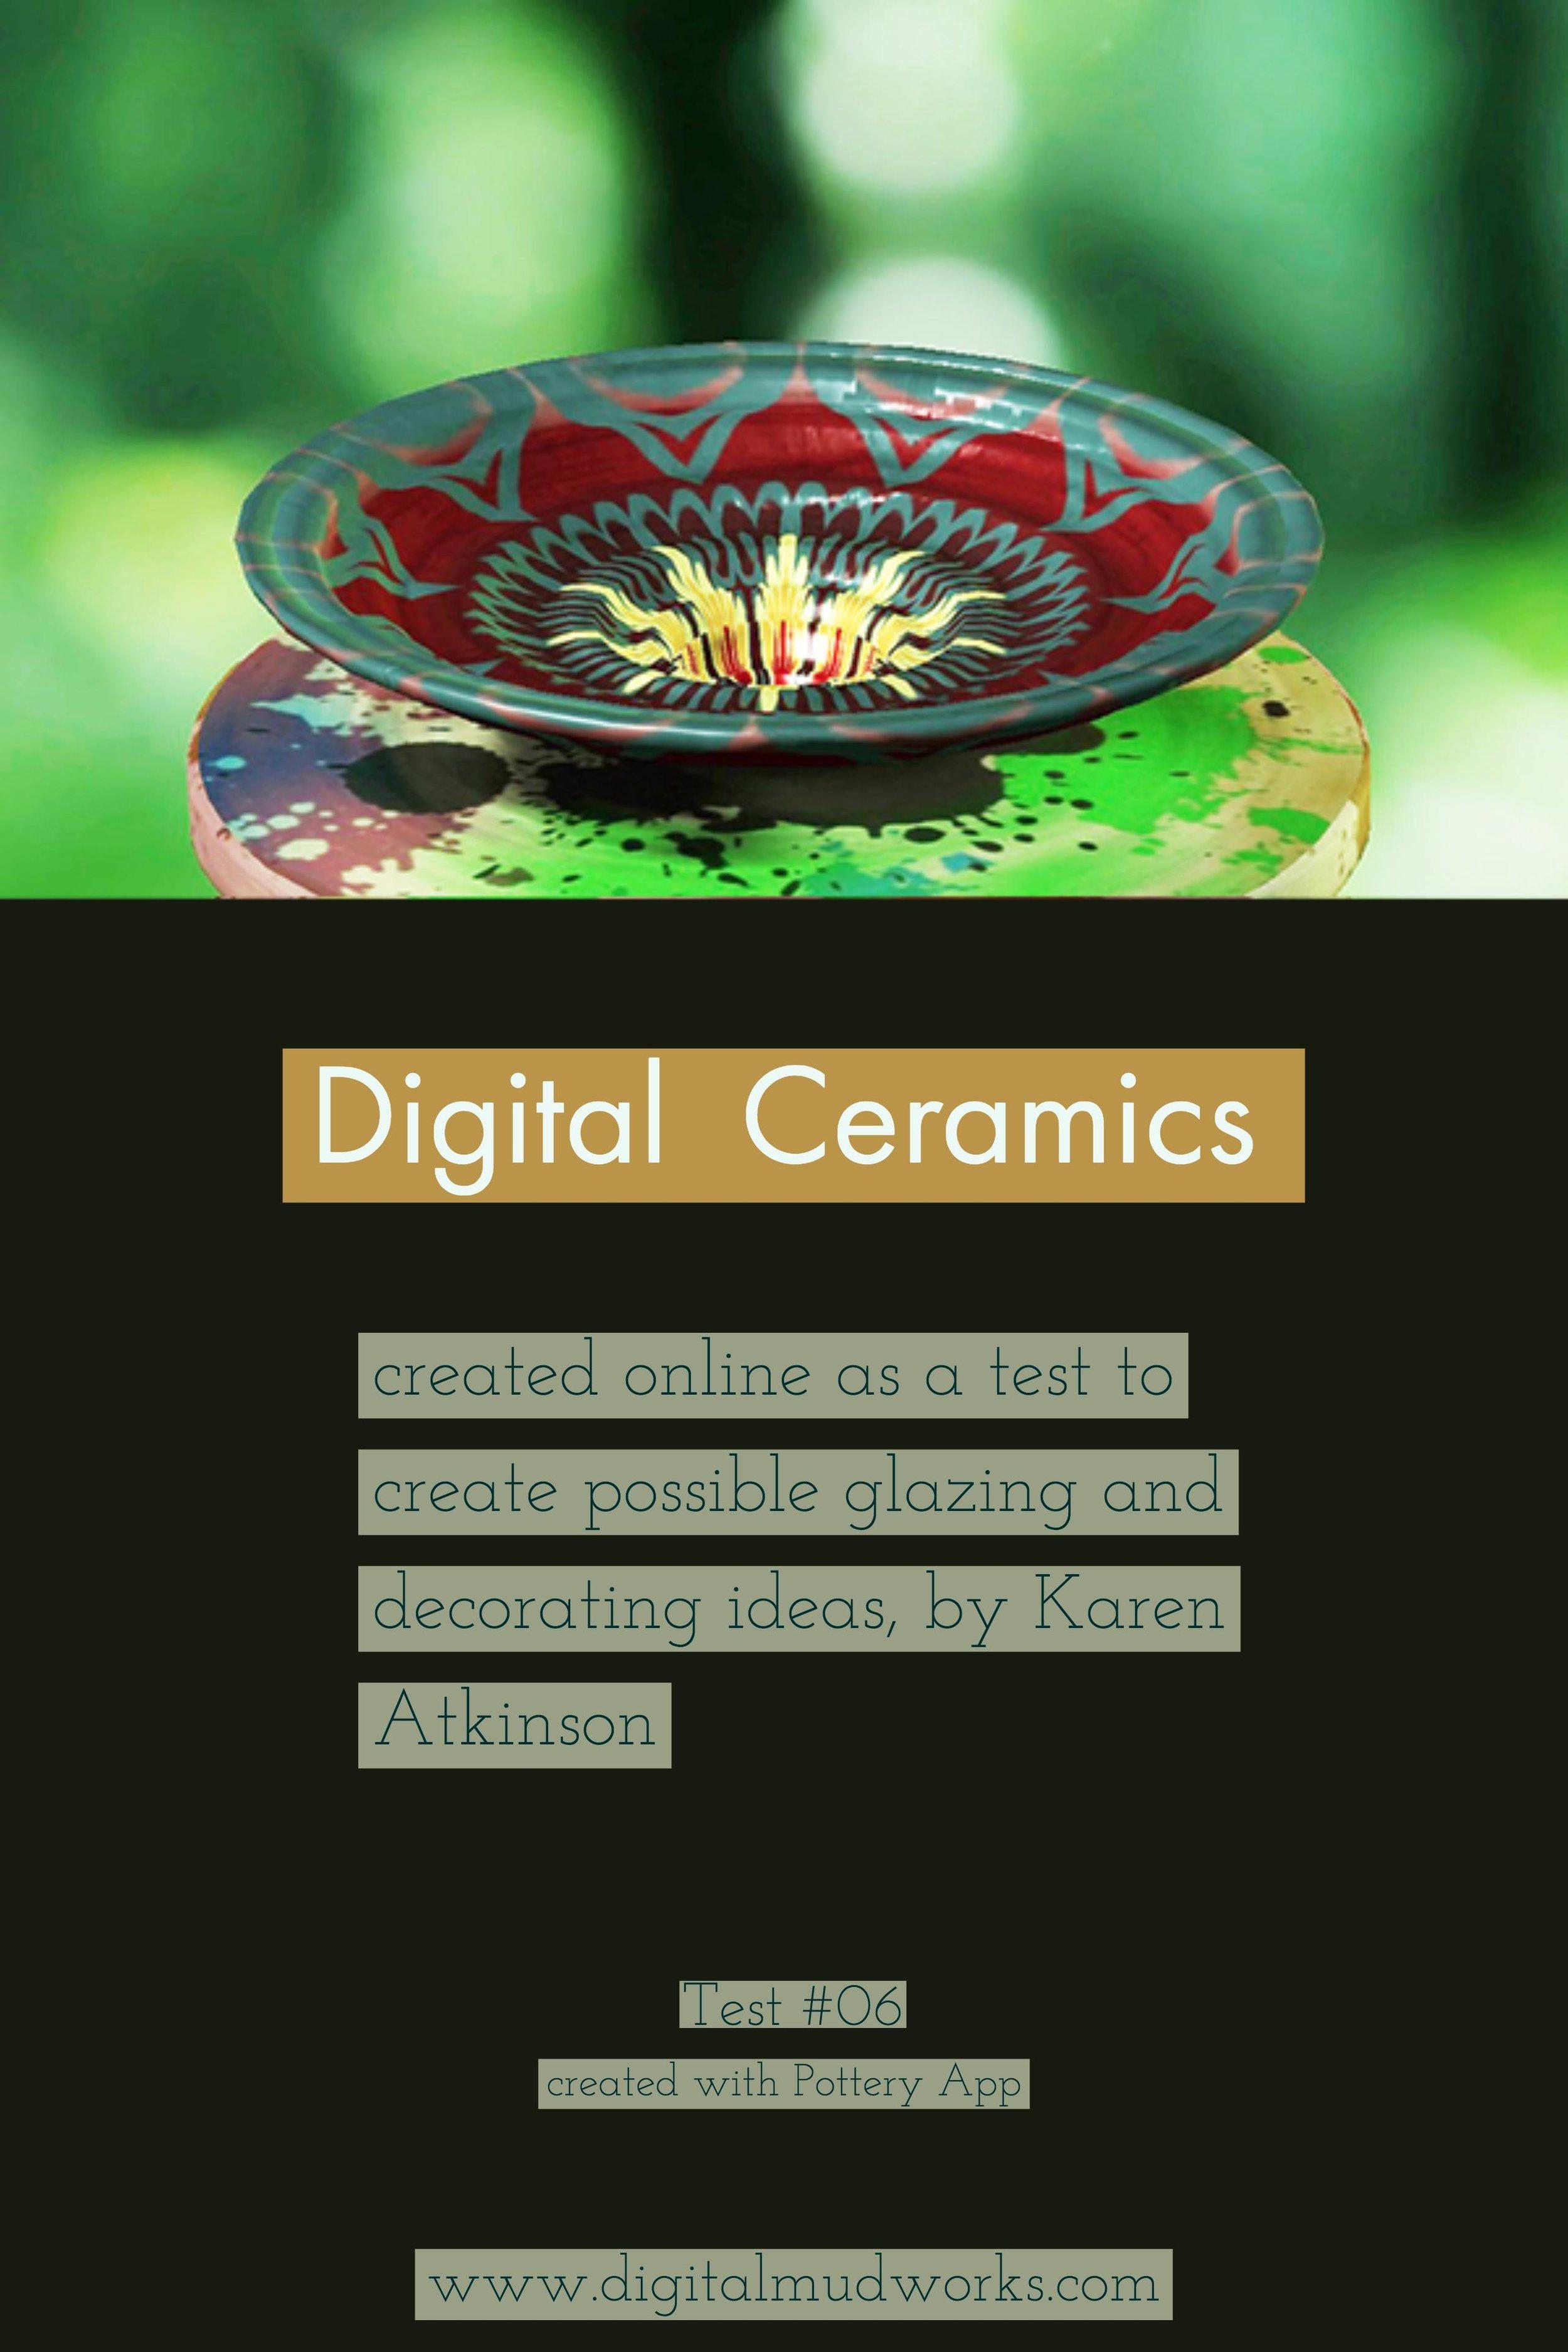 Digital Ceramics Test 06, using a computer app to do glaze and design tests. by Karen Atkinson